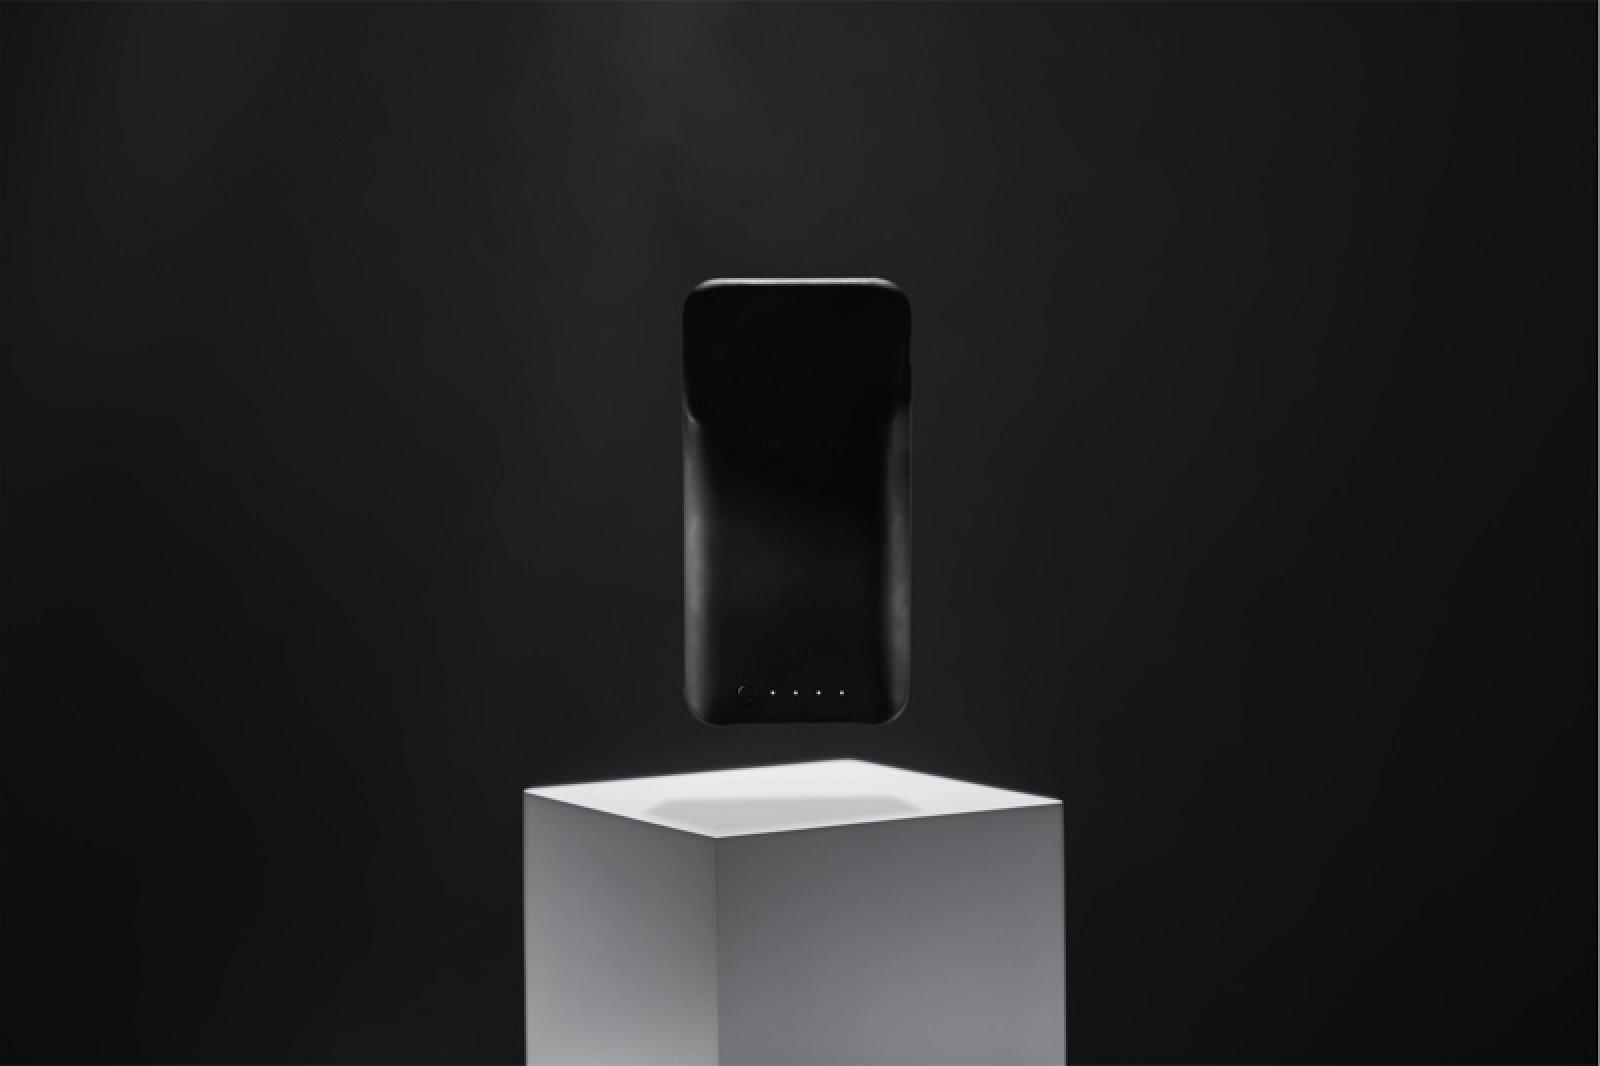 Mophie presenta nuevos estuches de batería de acceso a Juice Pack para iPhone 11, 11 Pro y 11 Pro Max